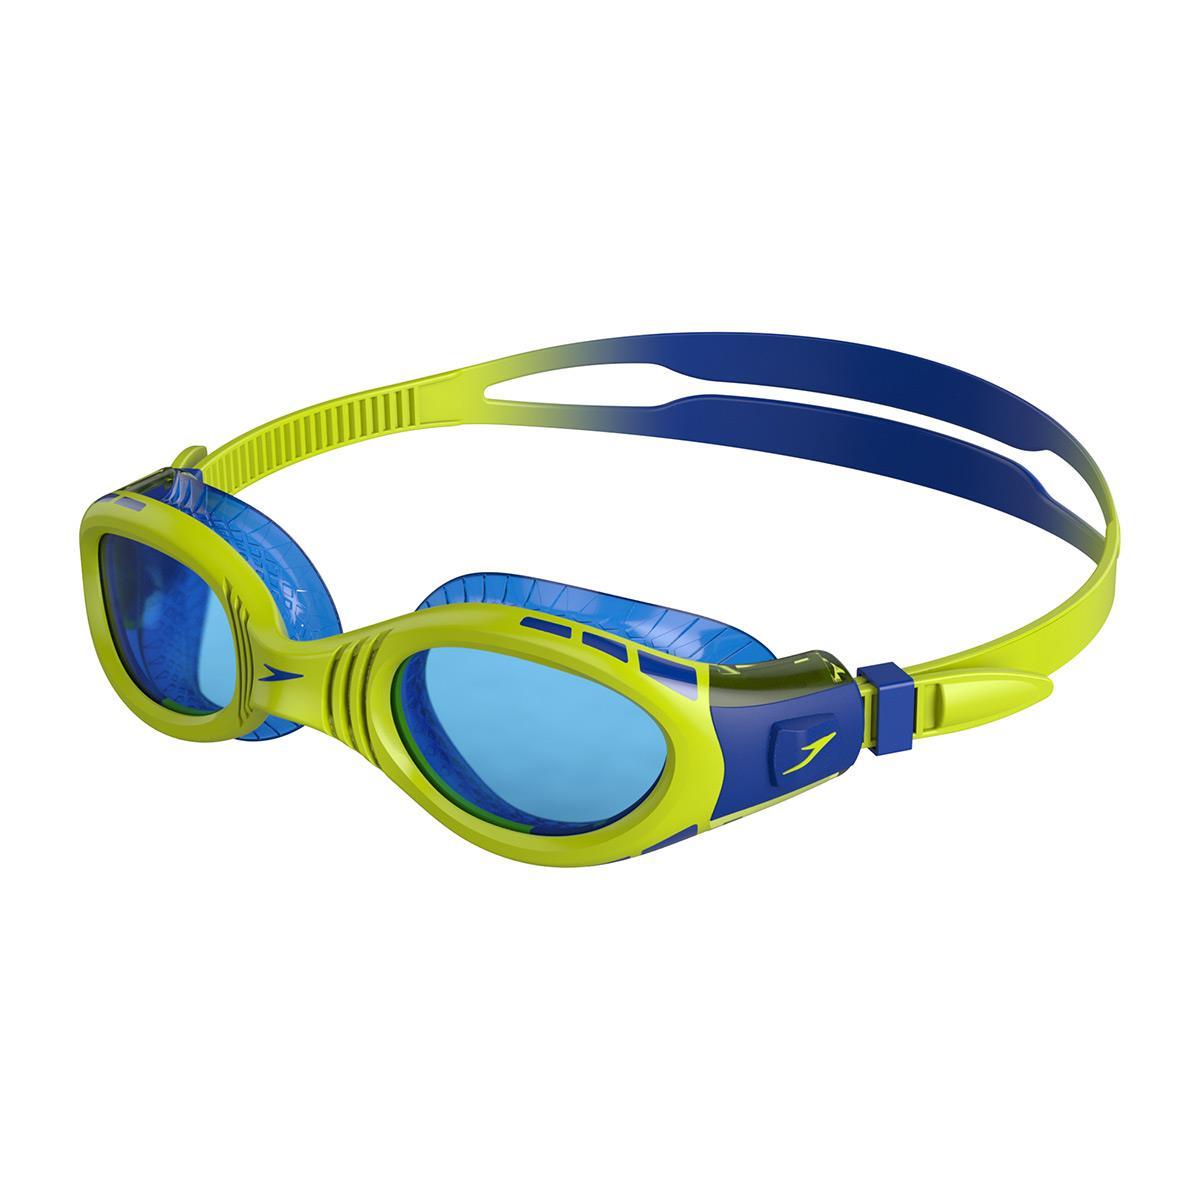 Speedo Fut Bıof Fseal Dual Gog JU BLU/GRN Gözlük